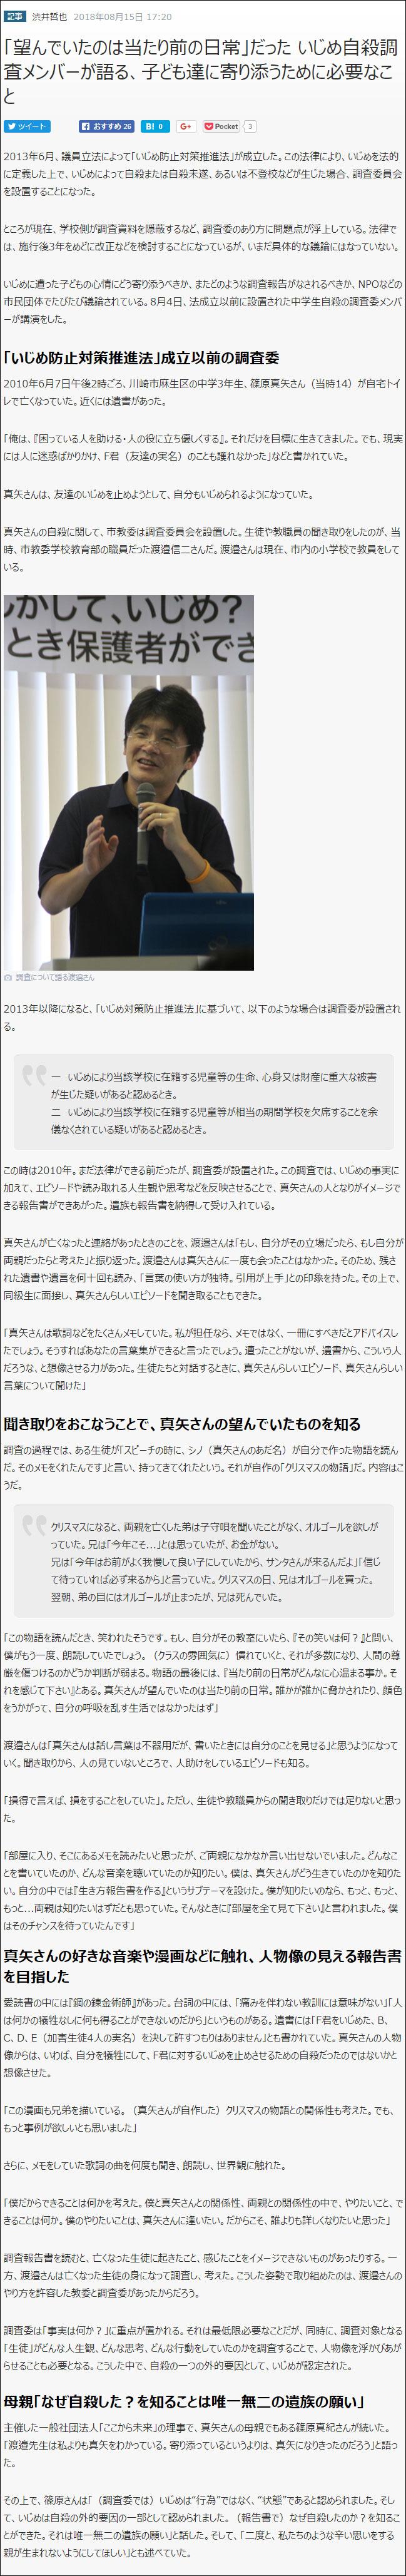 篠原真紀:BLOGOS掲載、2018年8月15日「『望んでいたのは当たり前の日常』だった いじめ自殺調査メンバーが語る、子ども達に寄り添うために必要なこと」ページ追加